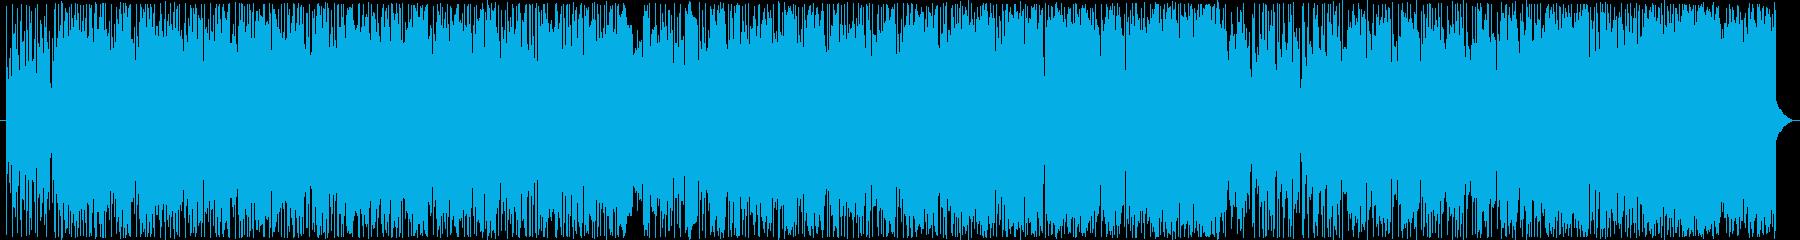 重厚かつ疾走感あるロック好きエレクトロAの再生済みの波形